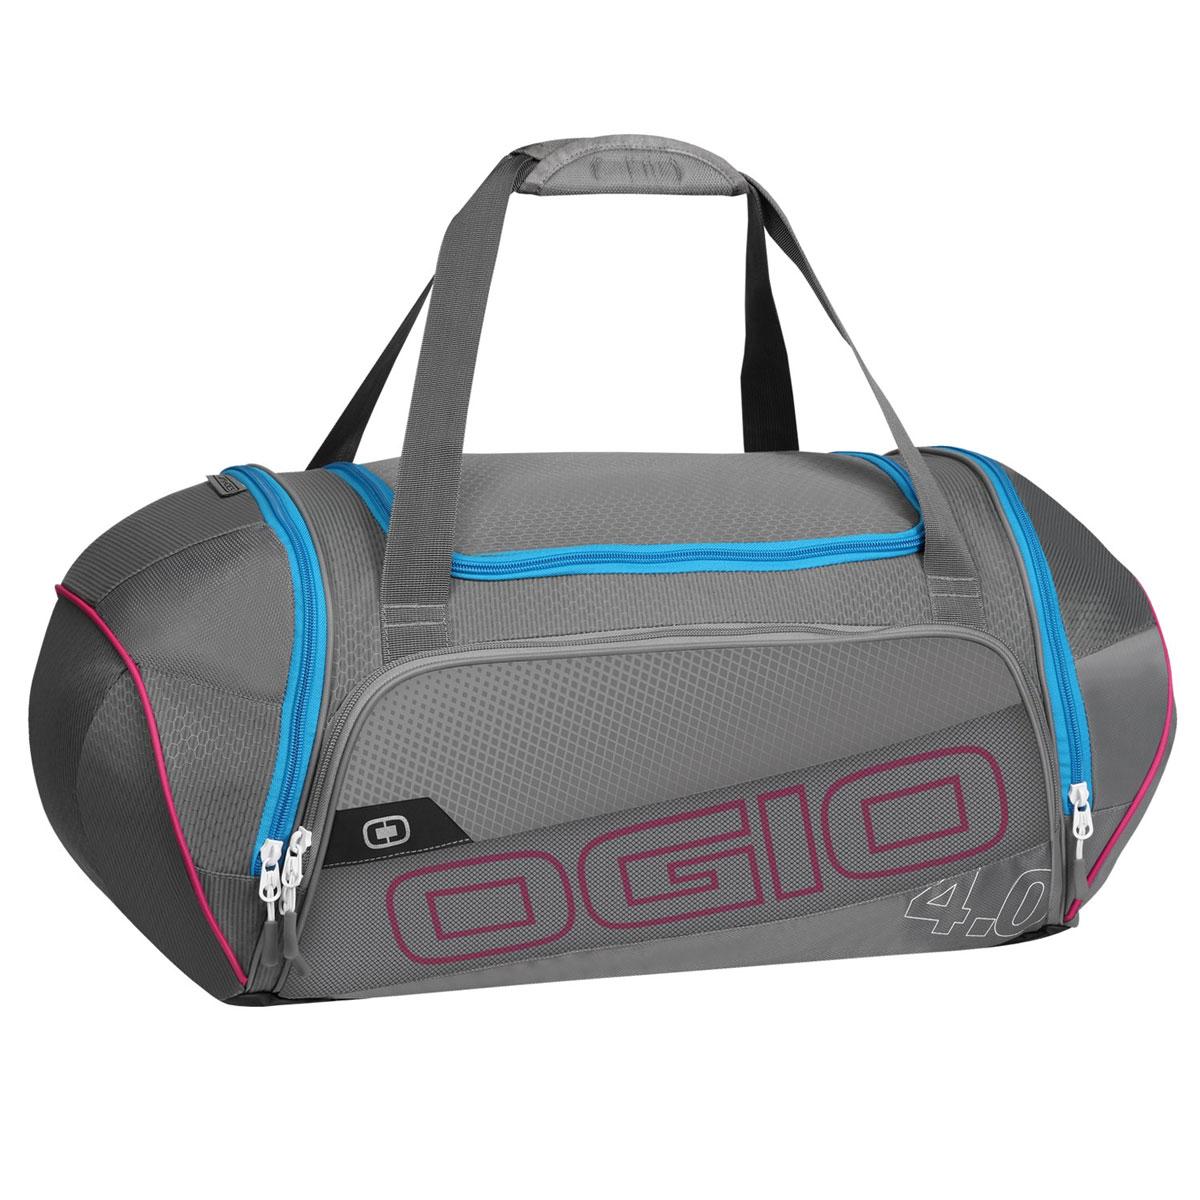 Сумка OGIO Endurance 4.0, цвет: серый, голубой. 112037.37686425-1010Сумка Ogio Endurance 4.0 имеет надежную и легкую конструкцию, обладающую высокой устойчивостью к растяжению.Особенности:Складывающаяся система наплечных ремней.Хорошо вентилируемое сетчатое отделение для обуви.Износостойкое и устойчивое к истиранию брезентовое основание.Особое отделение для продуктов питания.Легкая, износоустойчивая и прочная на разрыв ткань.Вместительное основное отделение.Боковой карман с двусторонней застежкой на молнии.Устойчивая к поту, мягкая литая ручка для переноски.Передний карман на молнии для хранения аксессуаров.Большой карман для бутылки с водой.Яркая подкладка.Объем: 47 л. Материал: кареточная ткань 420D, кареточная ткань.